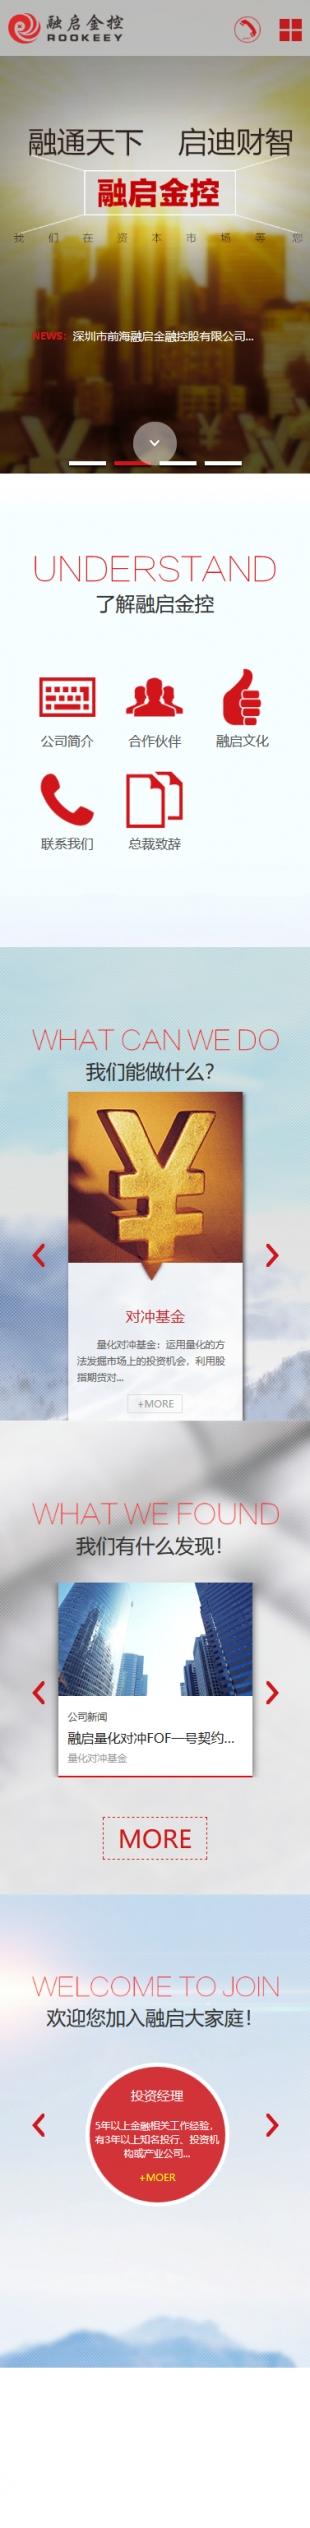 金融投资一站式网站建设源码模板响应式网站手机图片